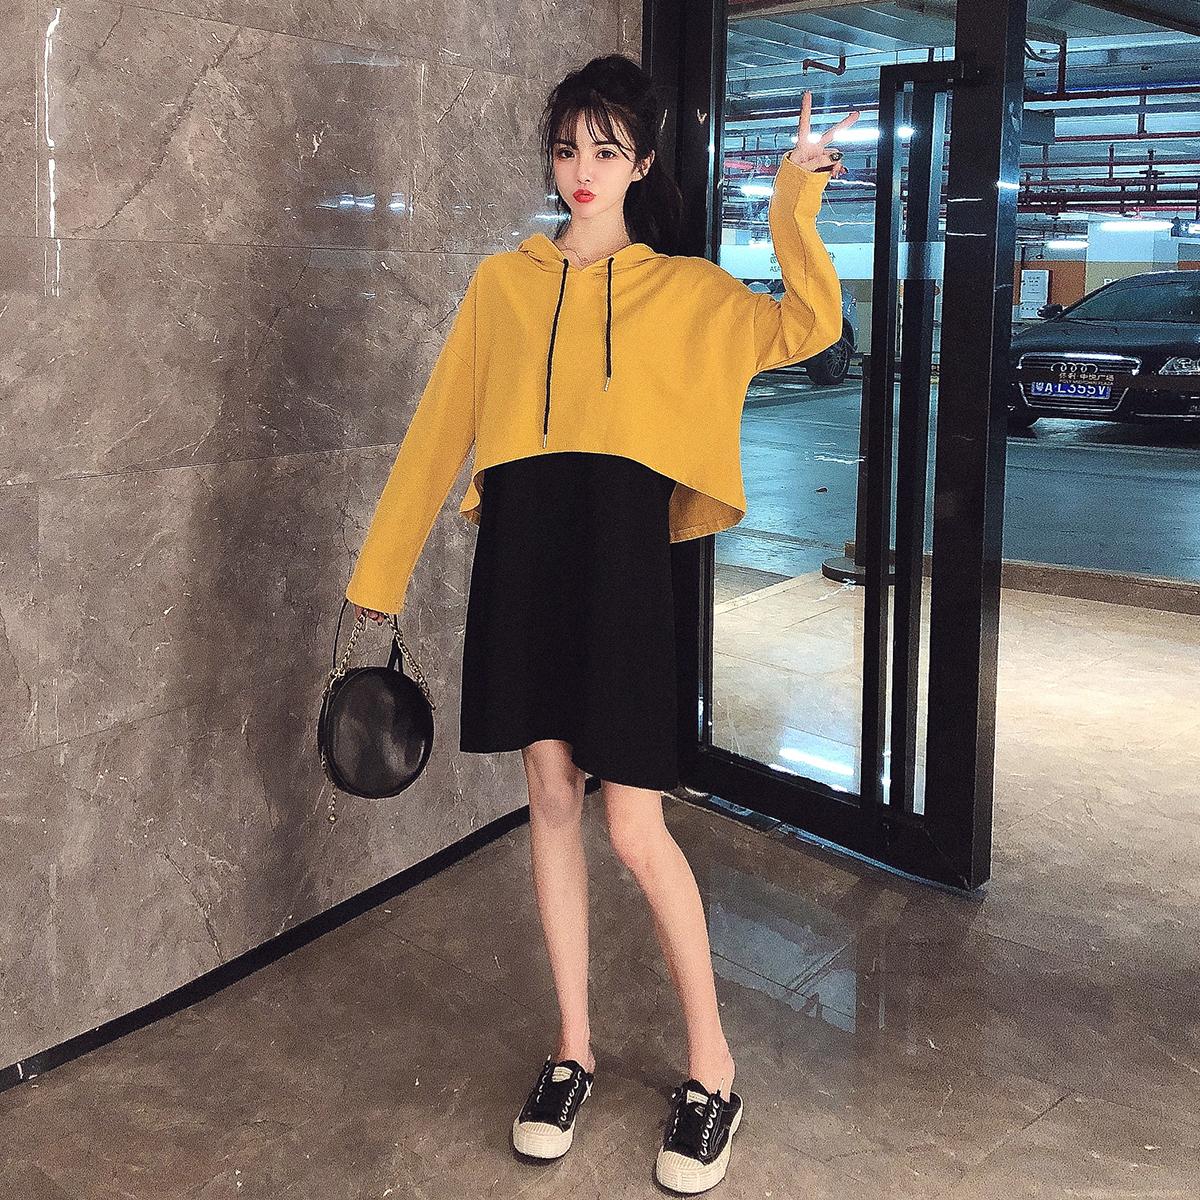 6497实拍现货新款抽绳连帽长袖休闲卫衣+黑色连衣裙时尚两件套装 -